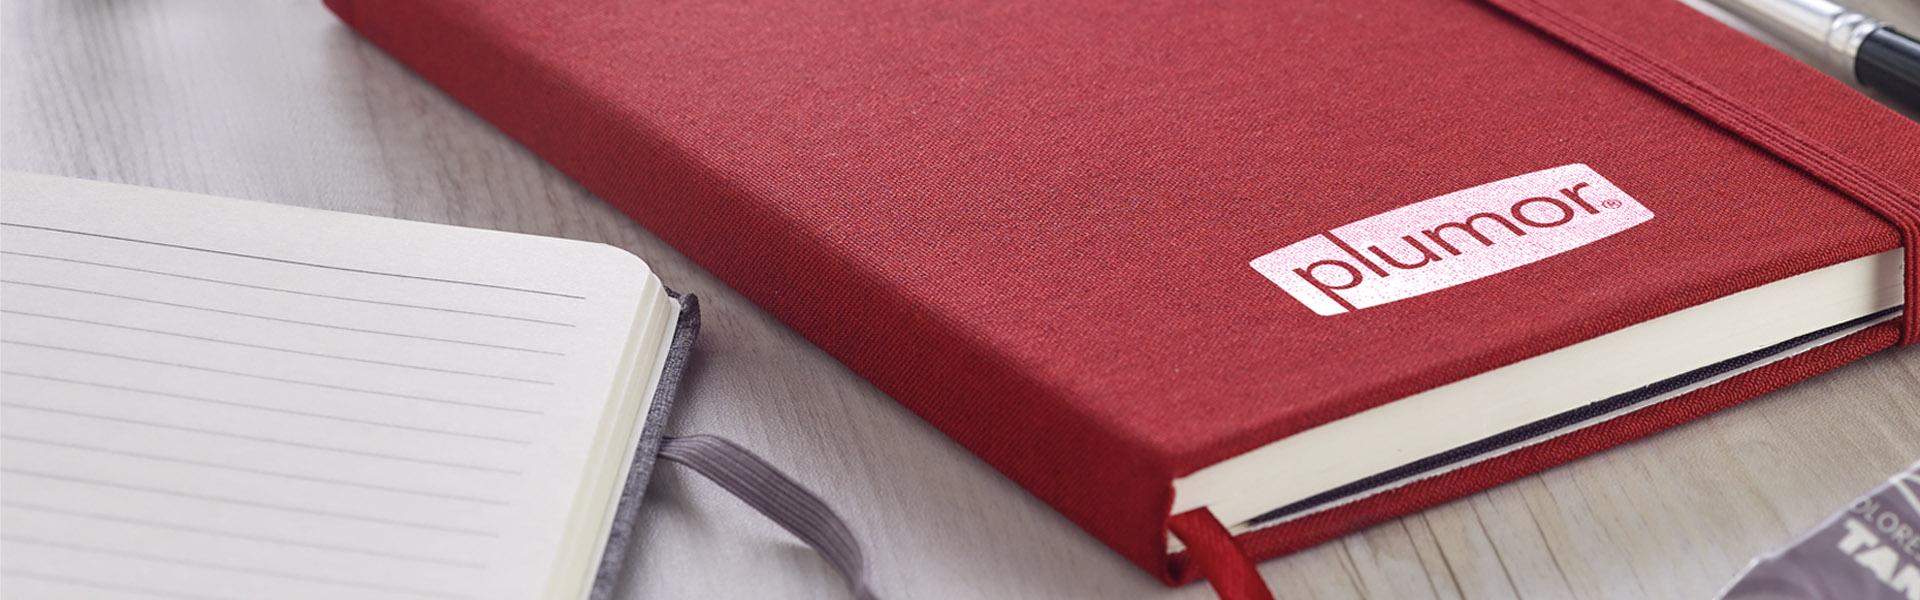 Notizbuch mit Logodruck als Werbeartikel